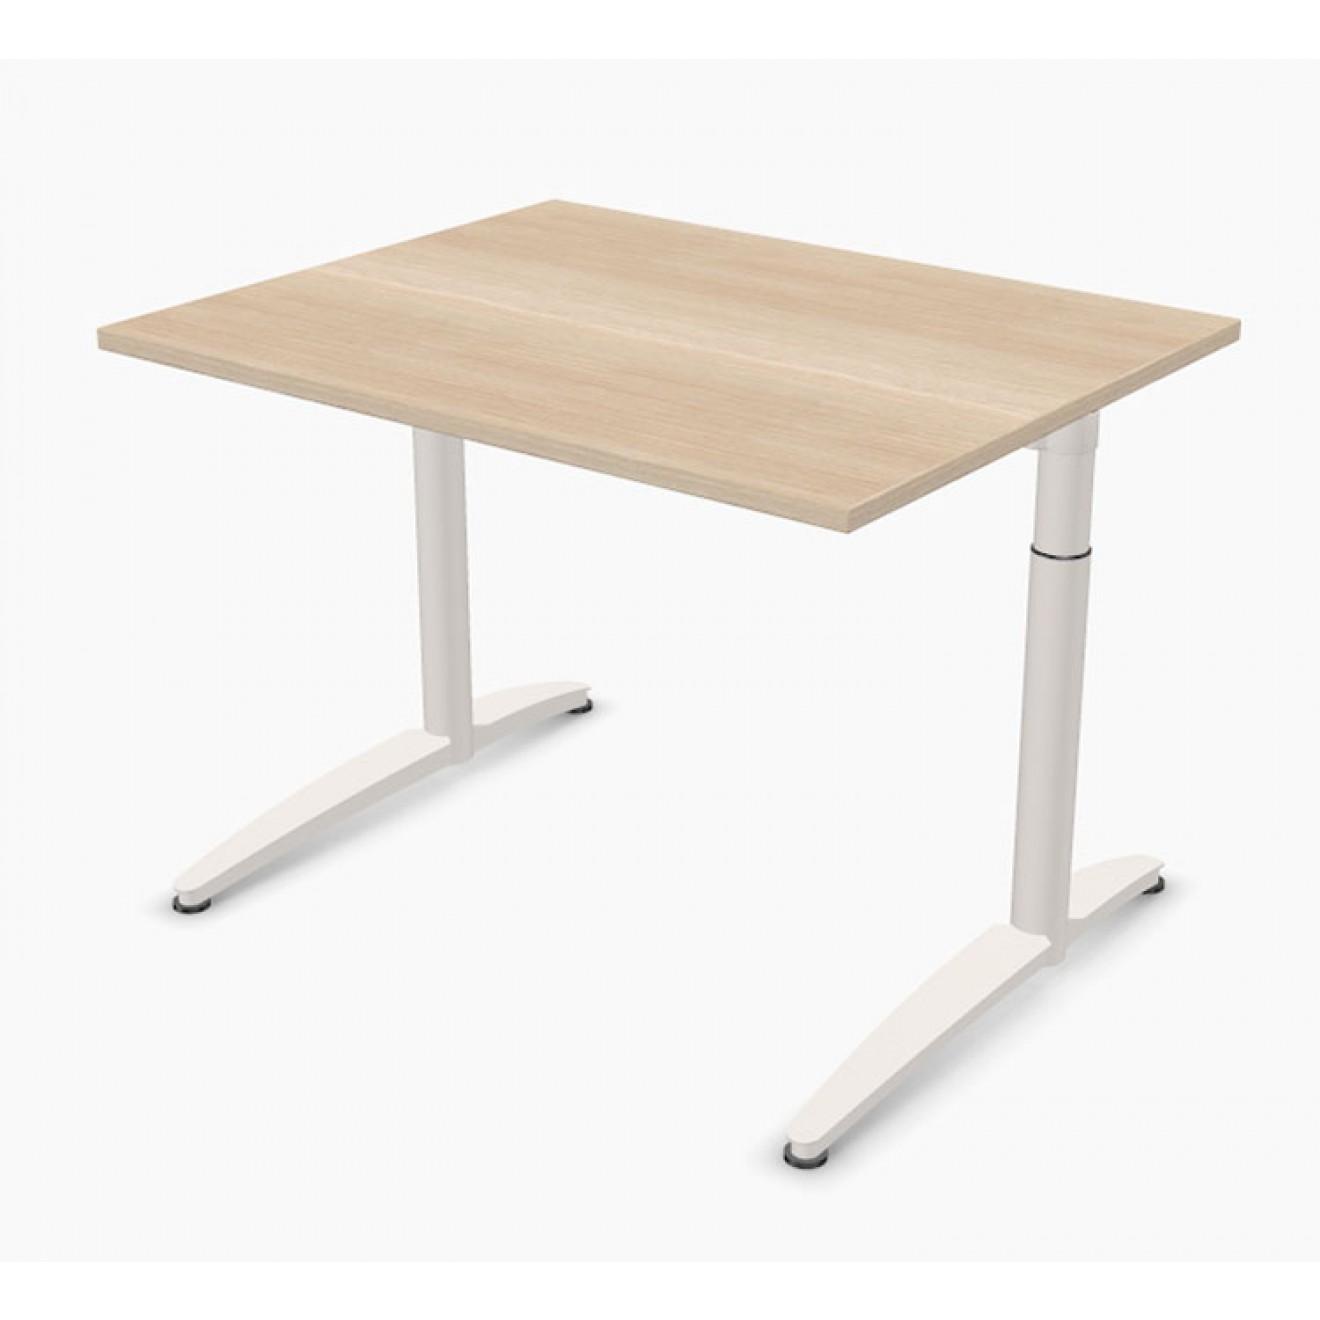 Schreibtisch palmberg caldo 100 x 80 x 65 85 cm for Schreibtisch 85 cm hoch